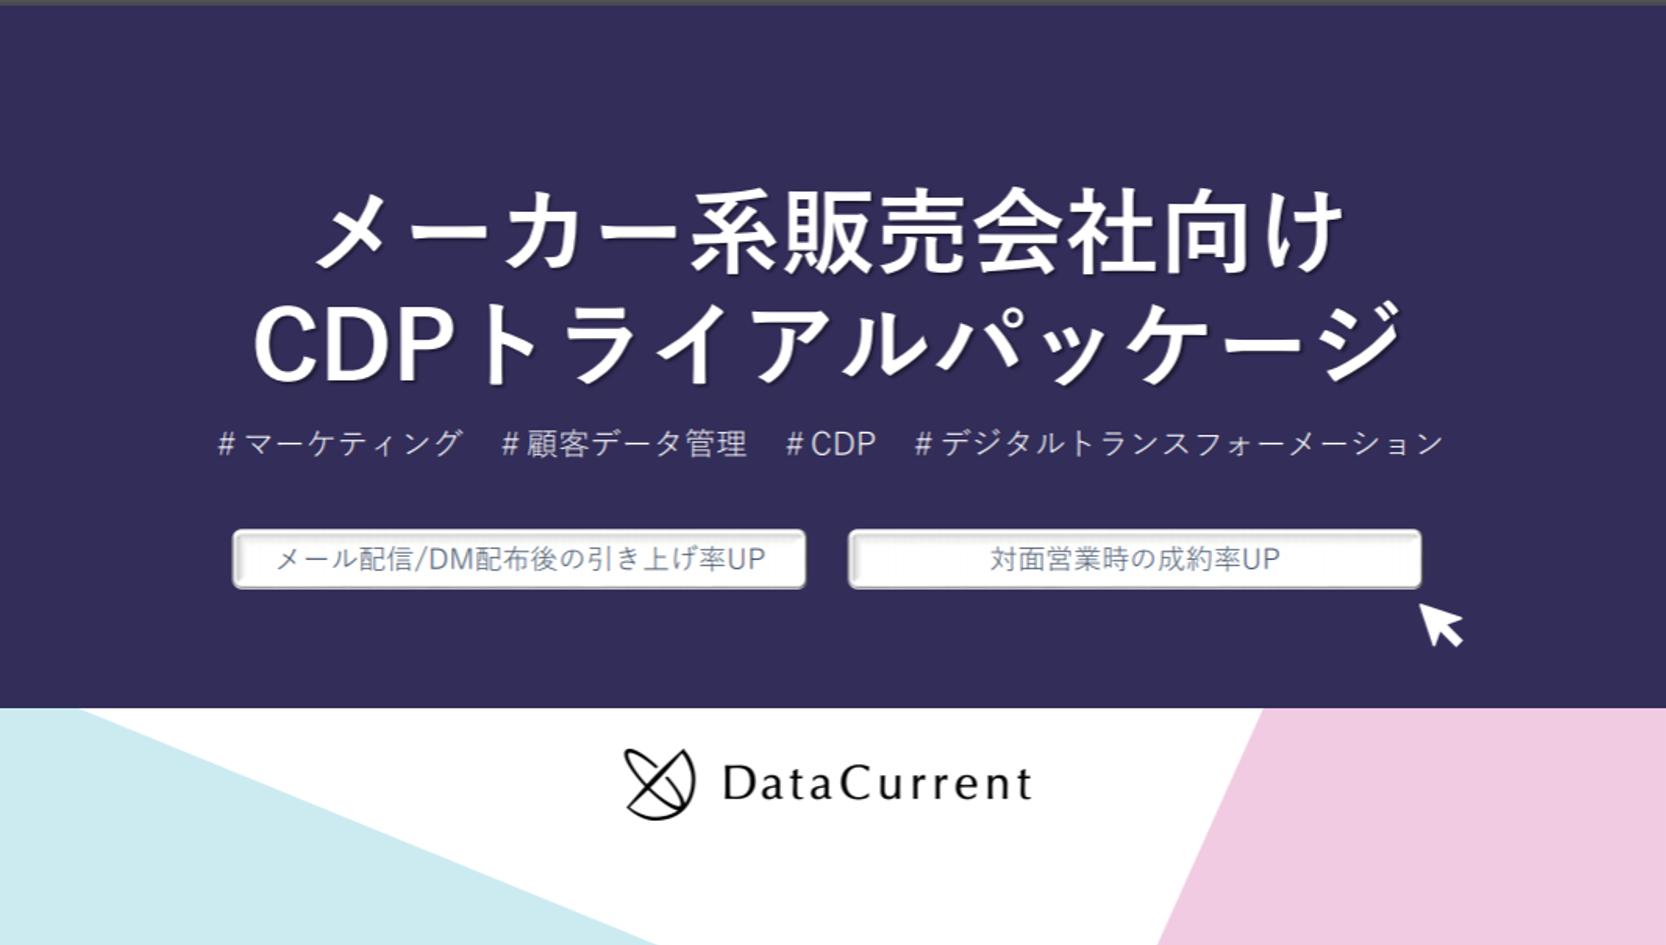 【ダウンロード資料】メーカー系販売会社向けCDPトライアルパッケージ